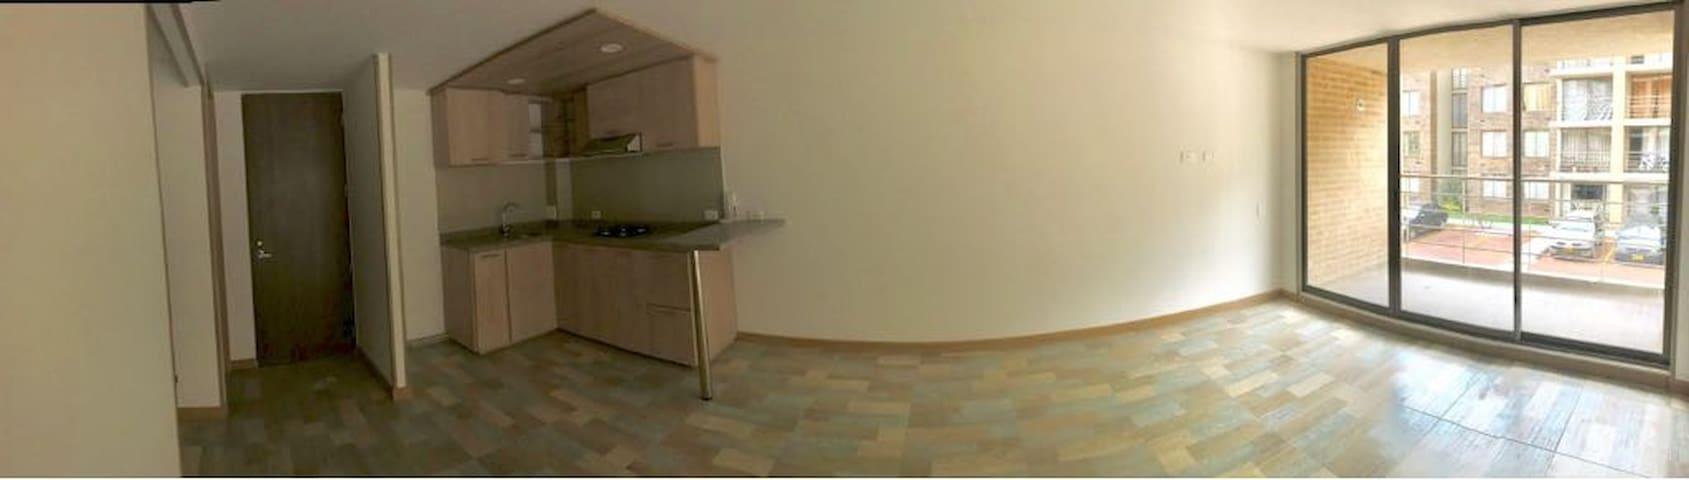 Apartamento ejecutivo en Funza